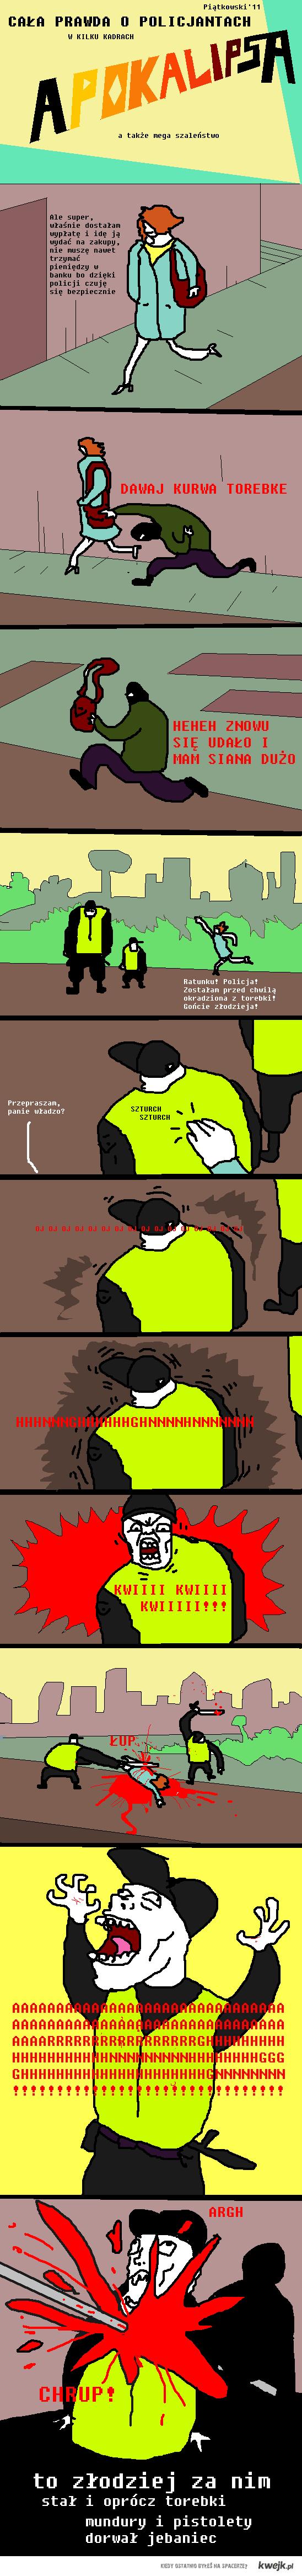 Policjanci - cała prawda 7